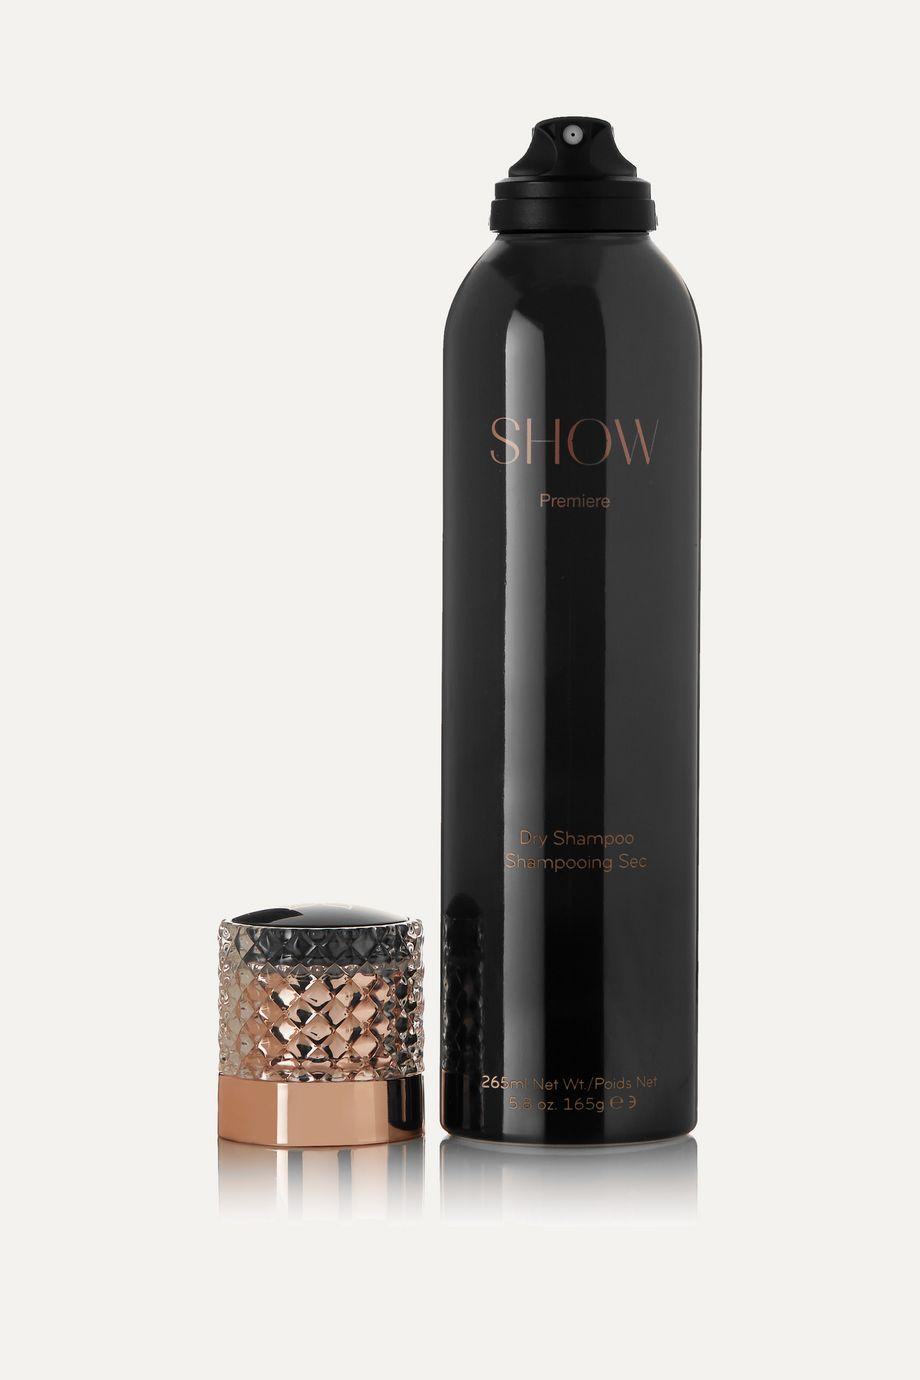 SHOW Beauty Premiere Dry Shampoo, 265ml